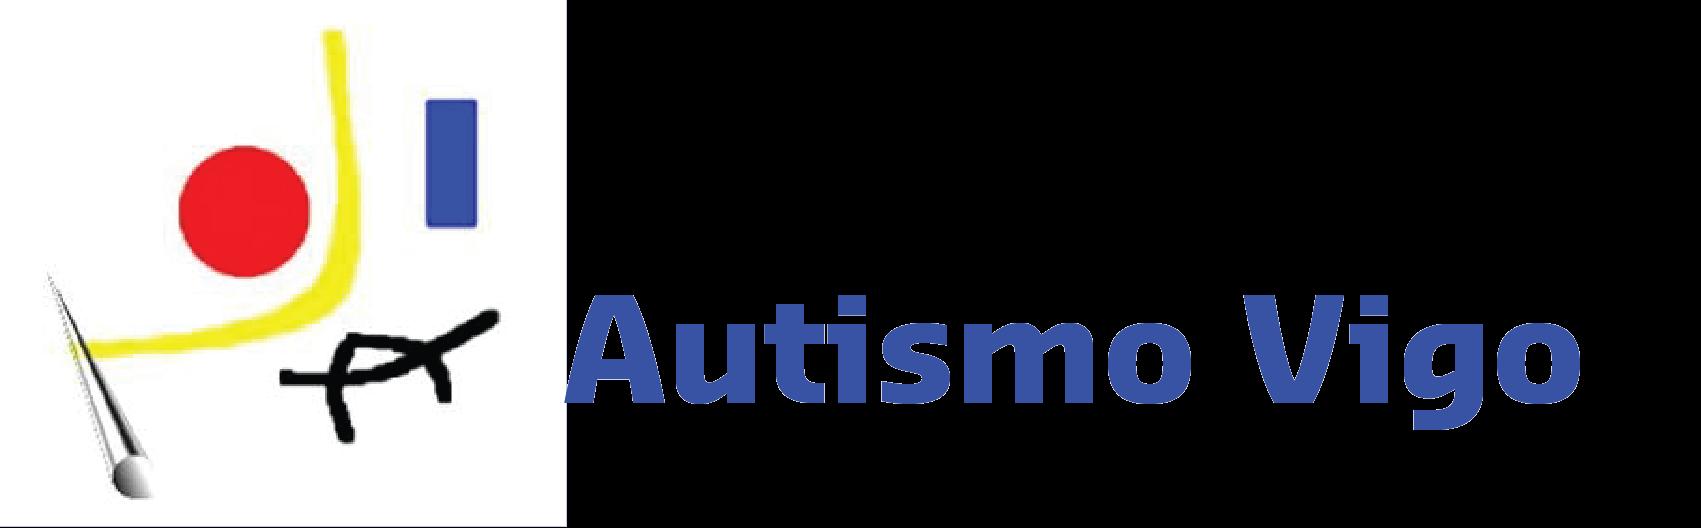 Autismo Vigo